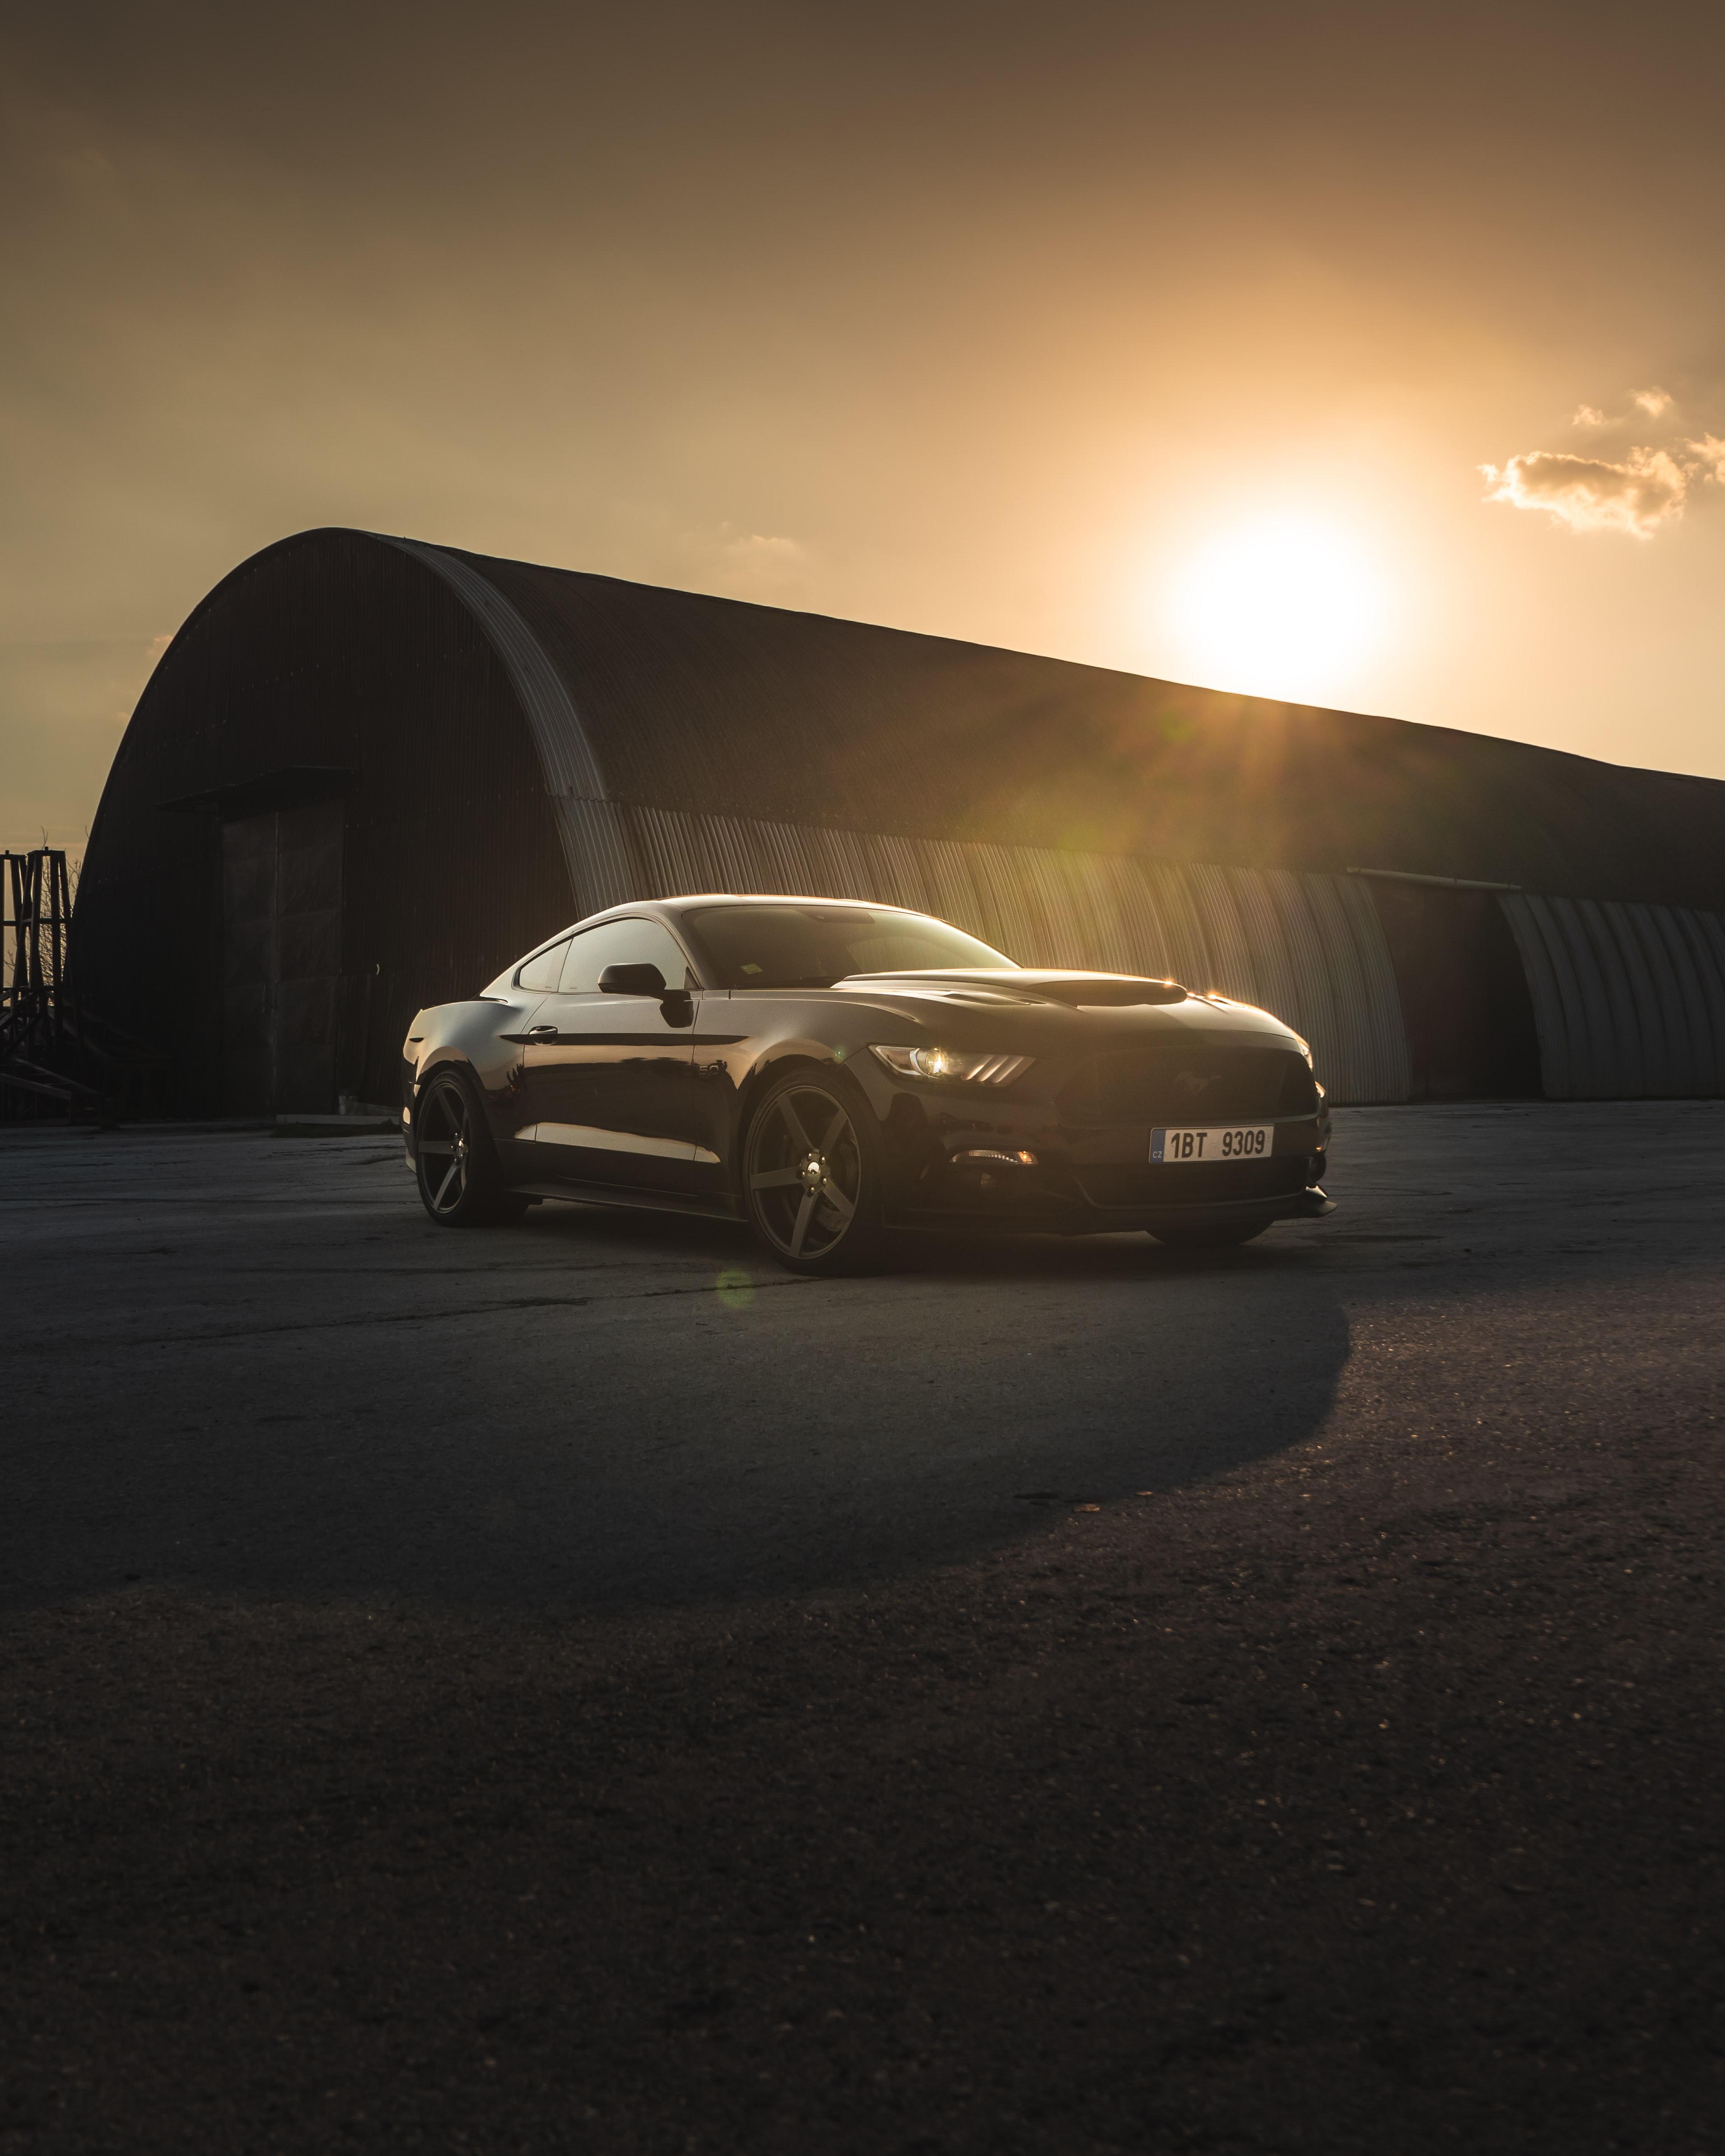 104692 скачать обои Мустанг (Mustang), Тачки (Cars), Закат, Автомобиль, Черный, Спорткар, Вид Сбоку, Ford Mustang - заставки и картинки бесплатно